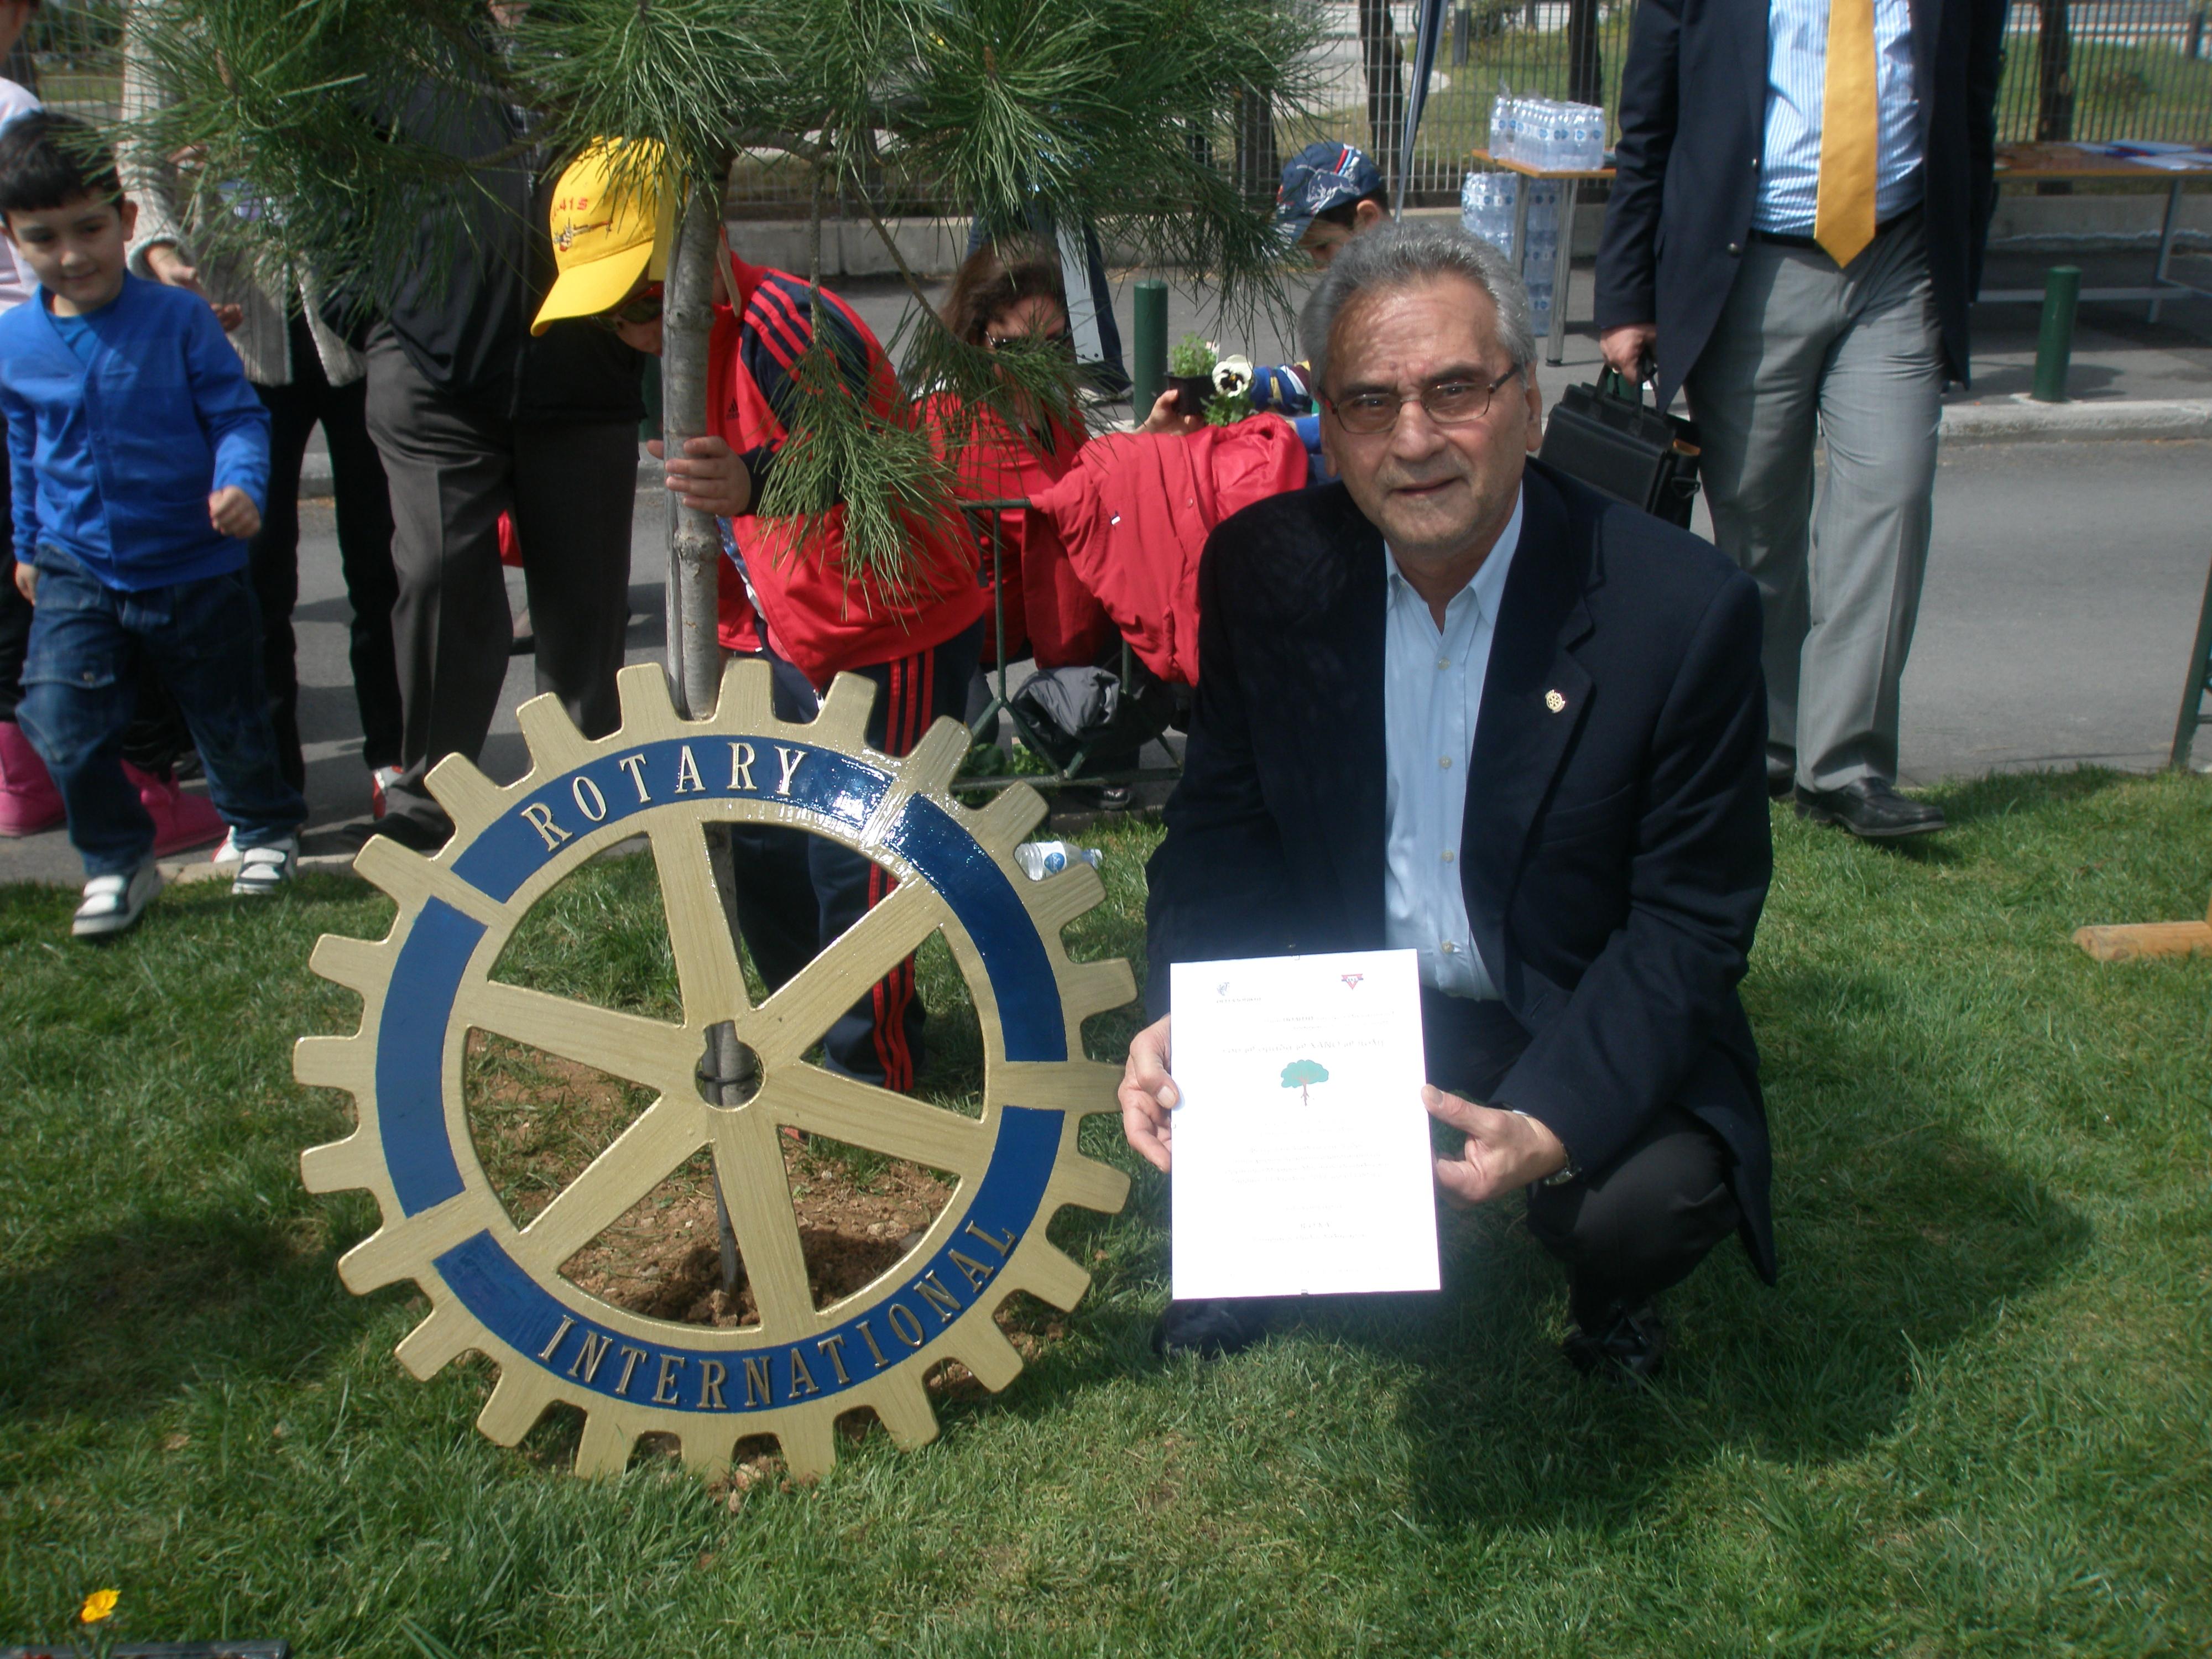 Ροταριανός Όμιλος Καλαμαριάς - Rotary Club Kalamaria